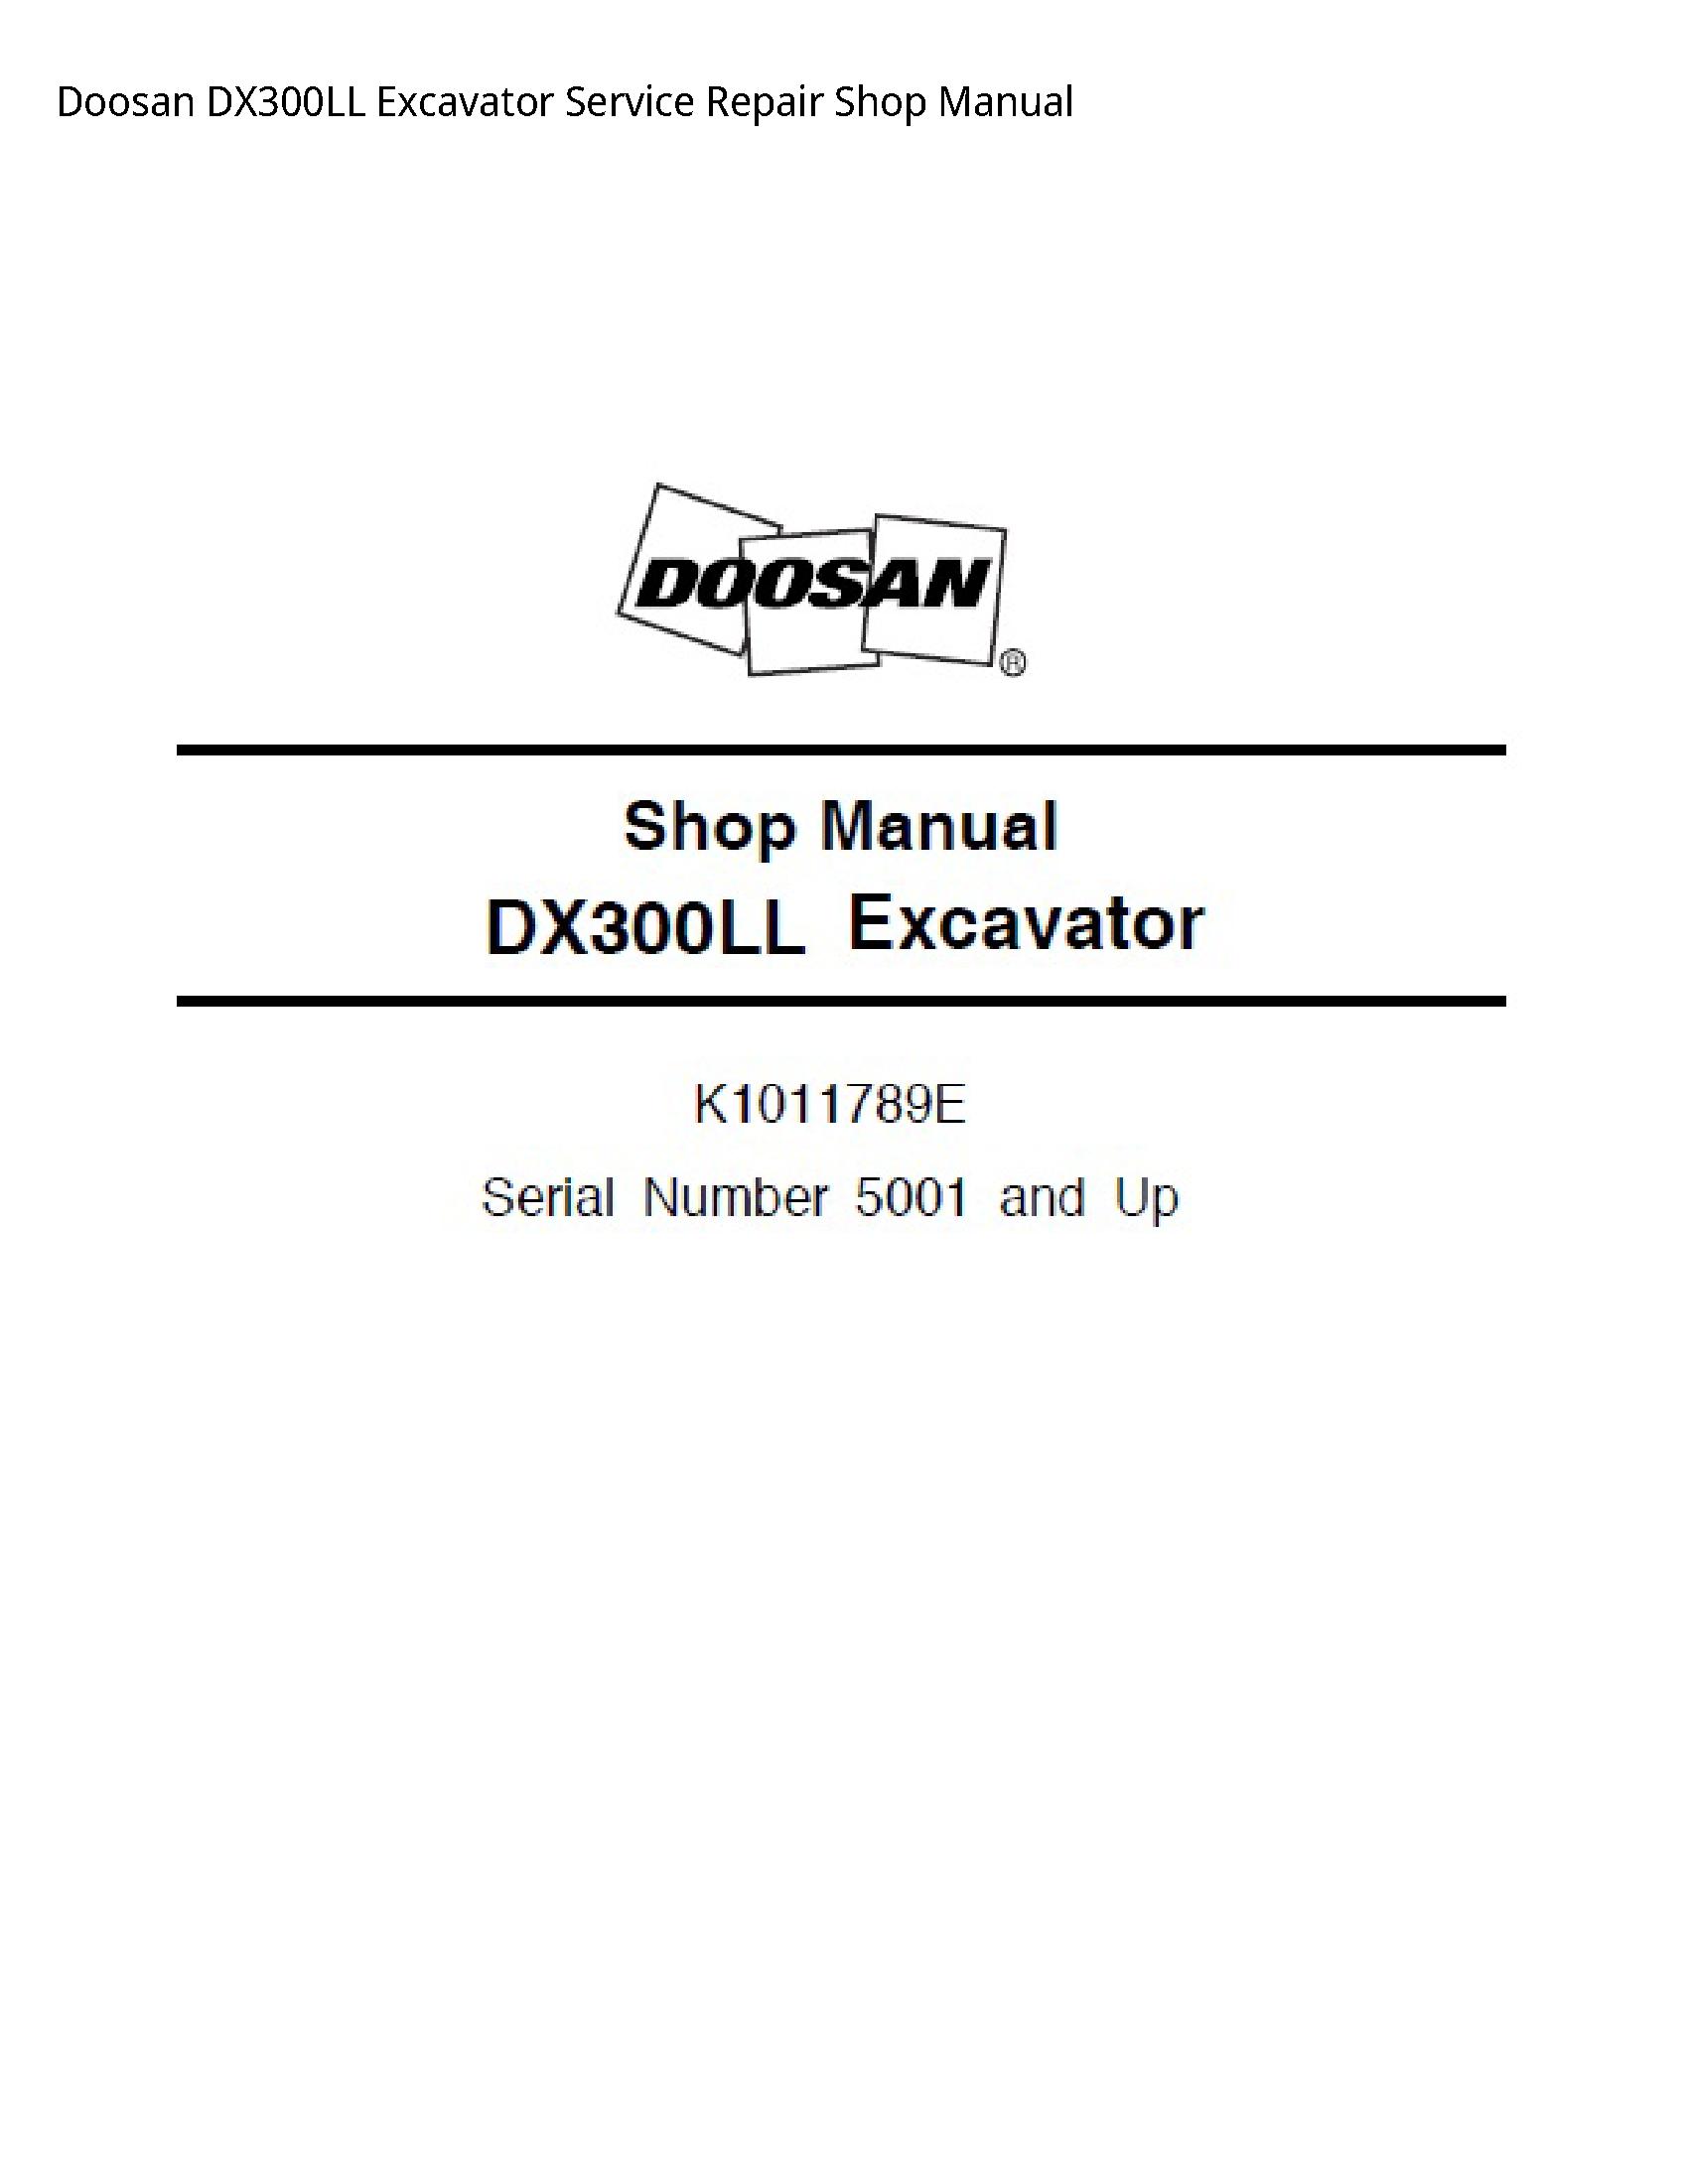 Doosan DX300LL Excavator manual